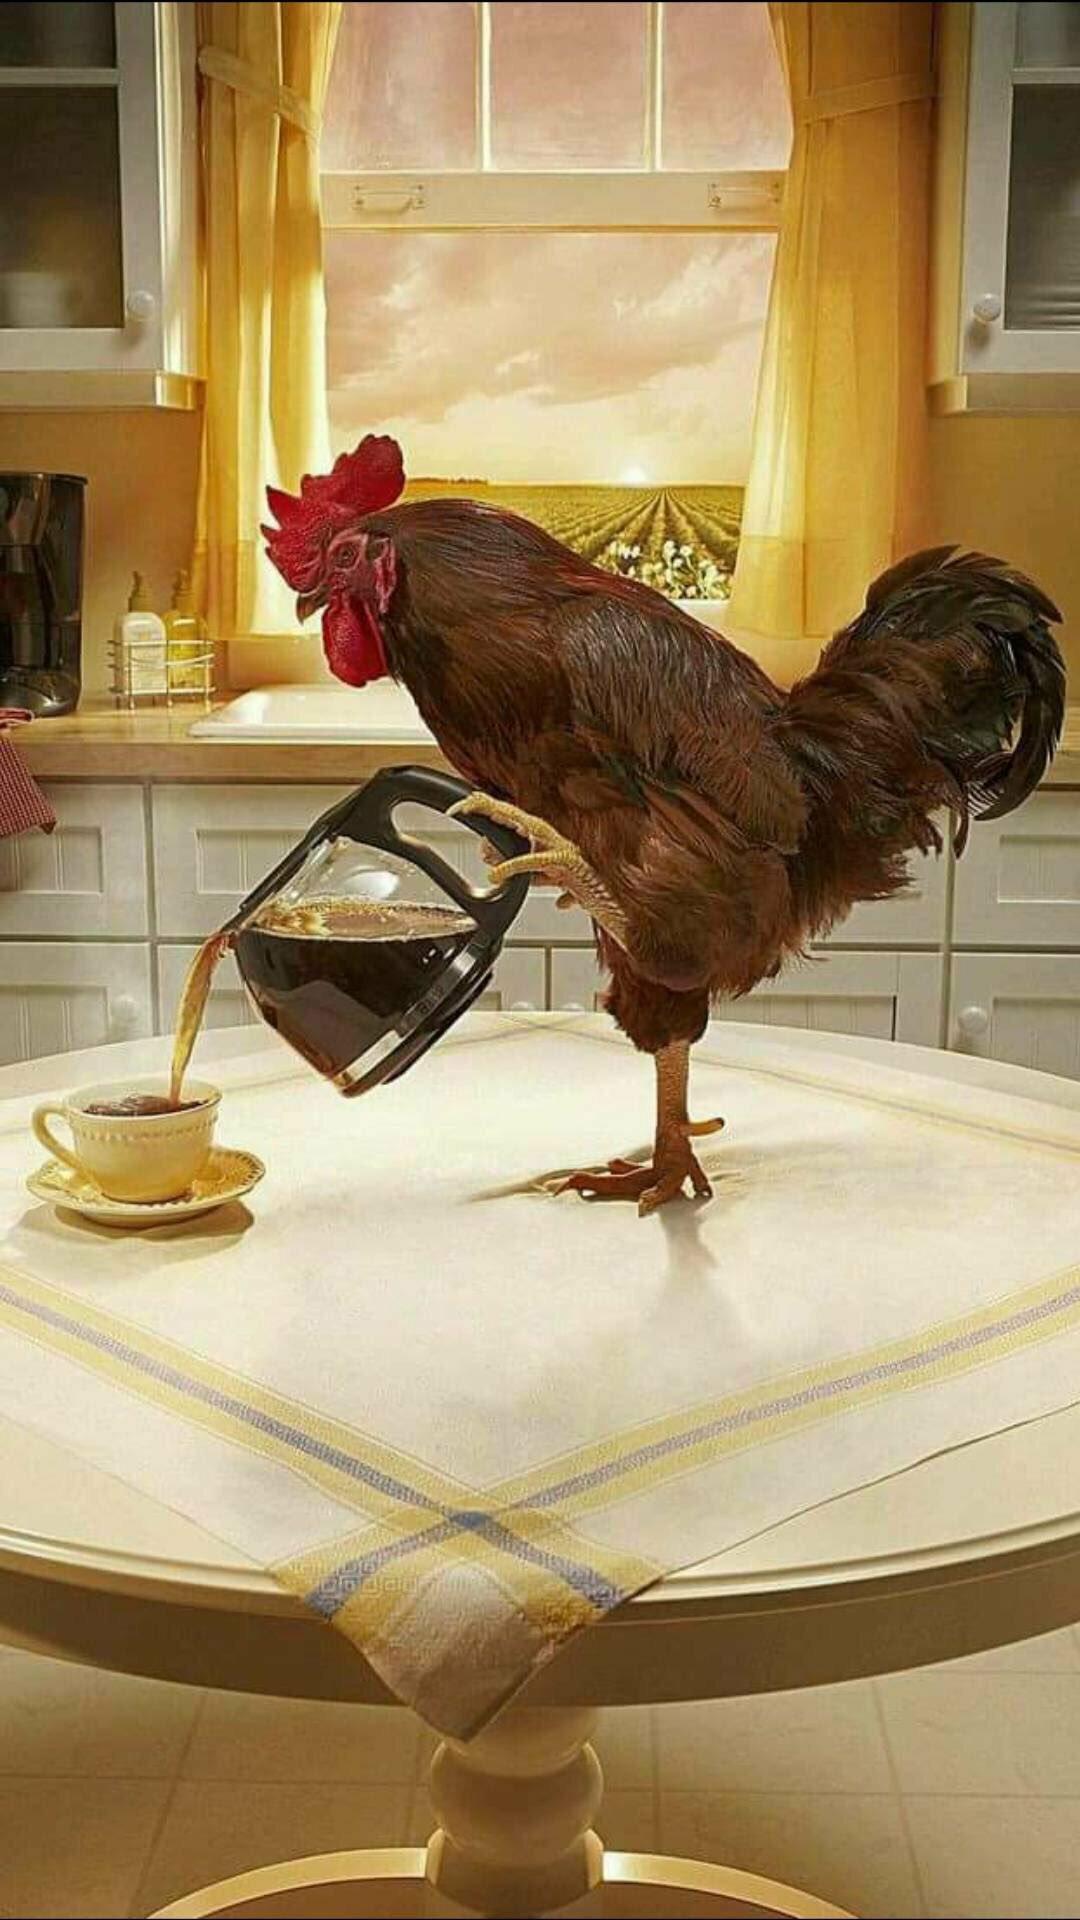 картинки с курицами доброе утро много веков зря